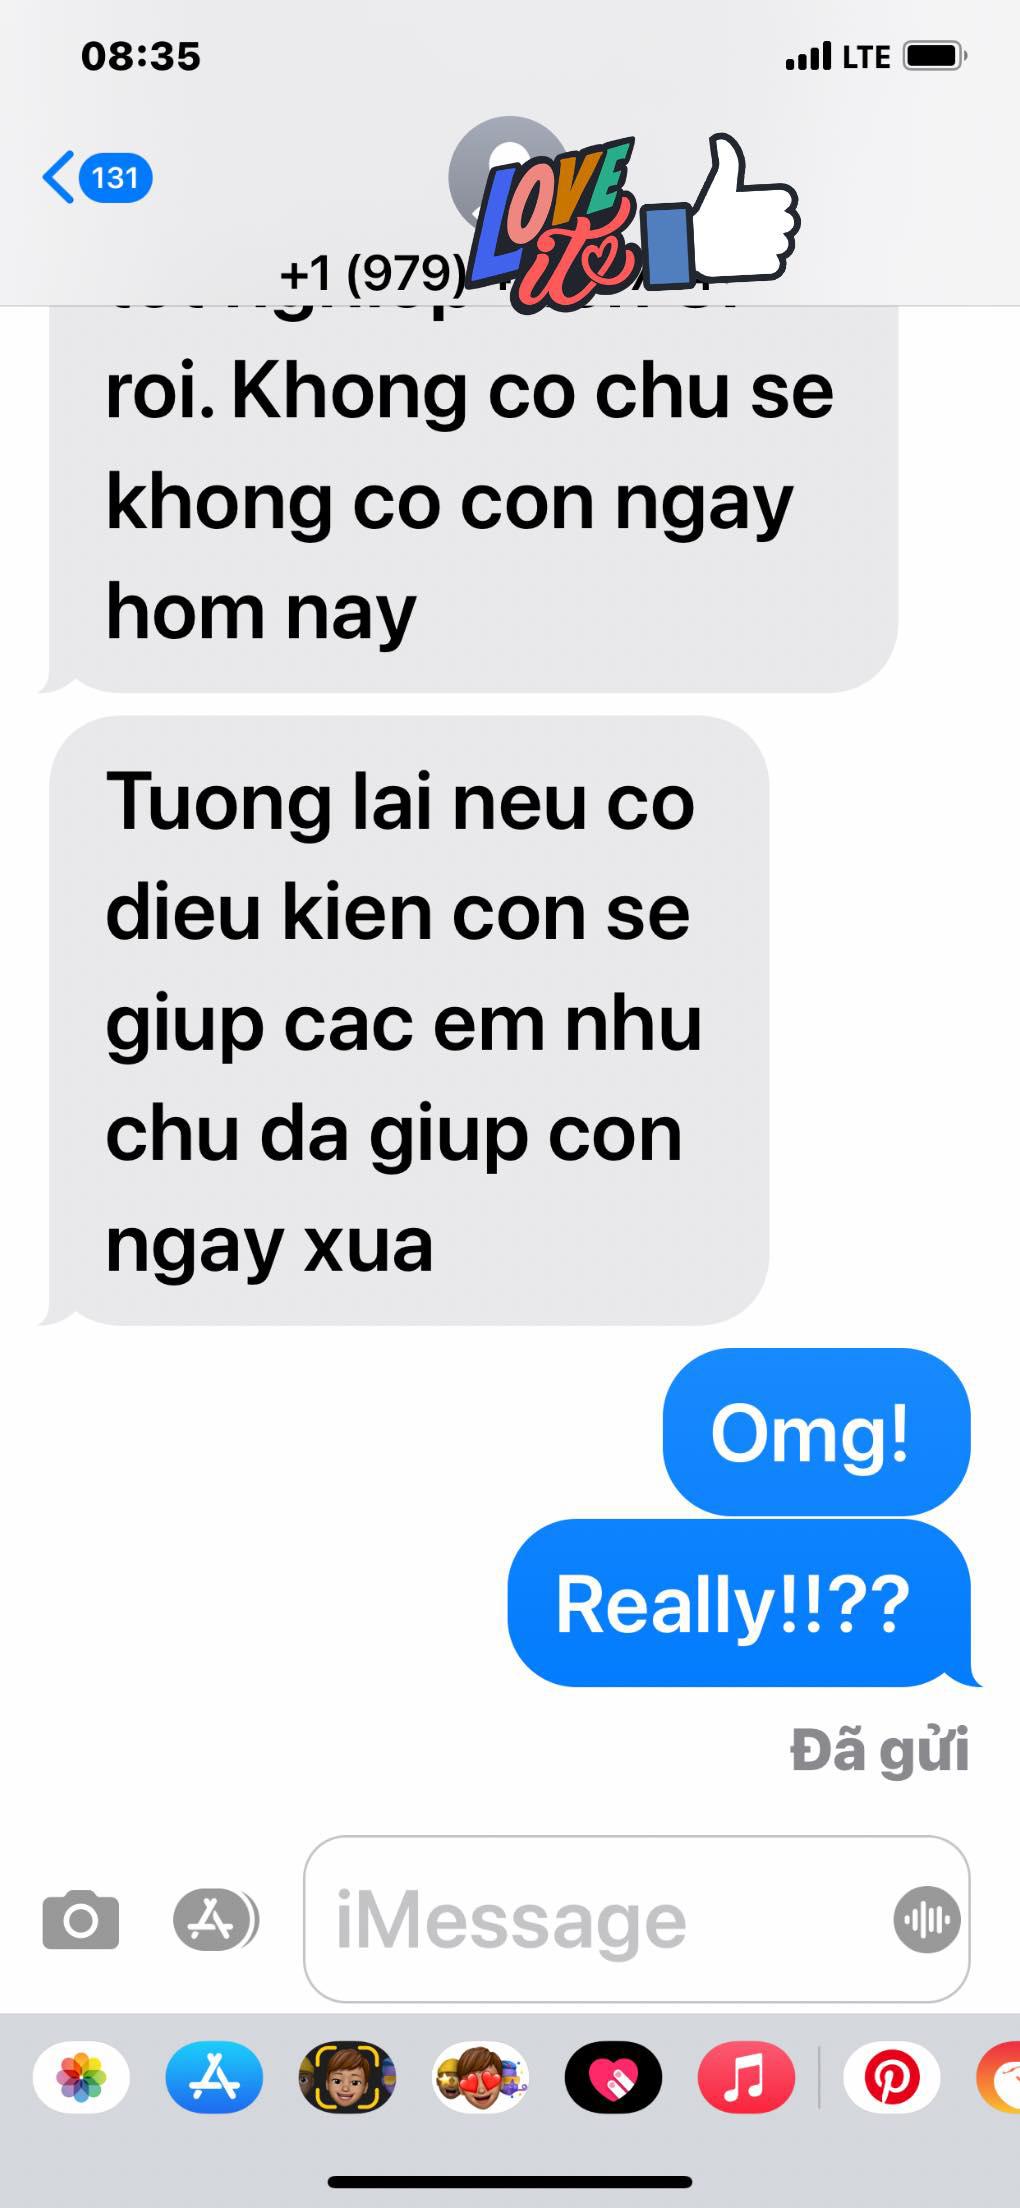 Câu chuyện cảm động của Đàm Vĩnh Hưng khi nhận loạt tin nhắn của người lạ - Ảnh 5.